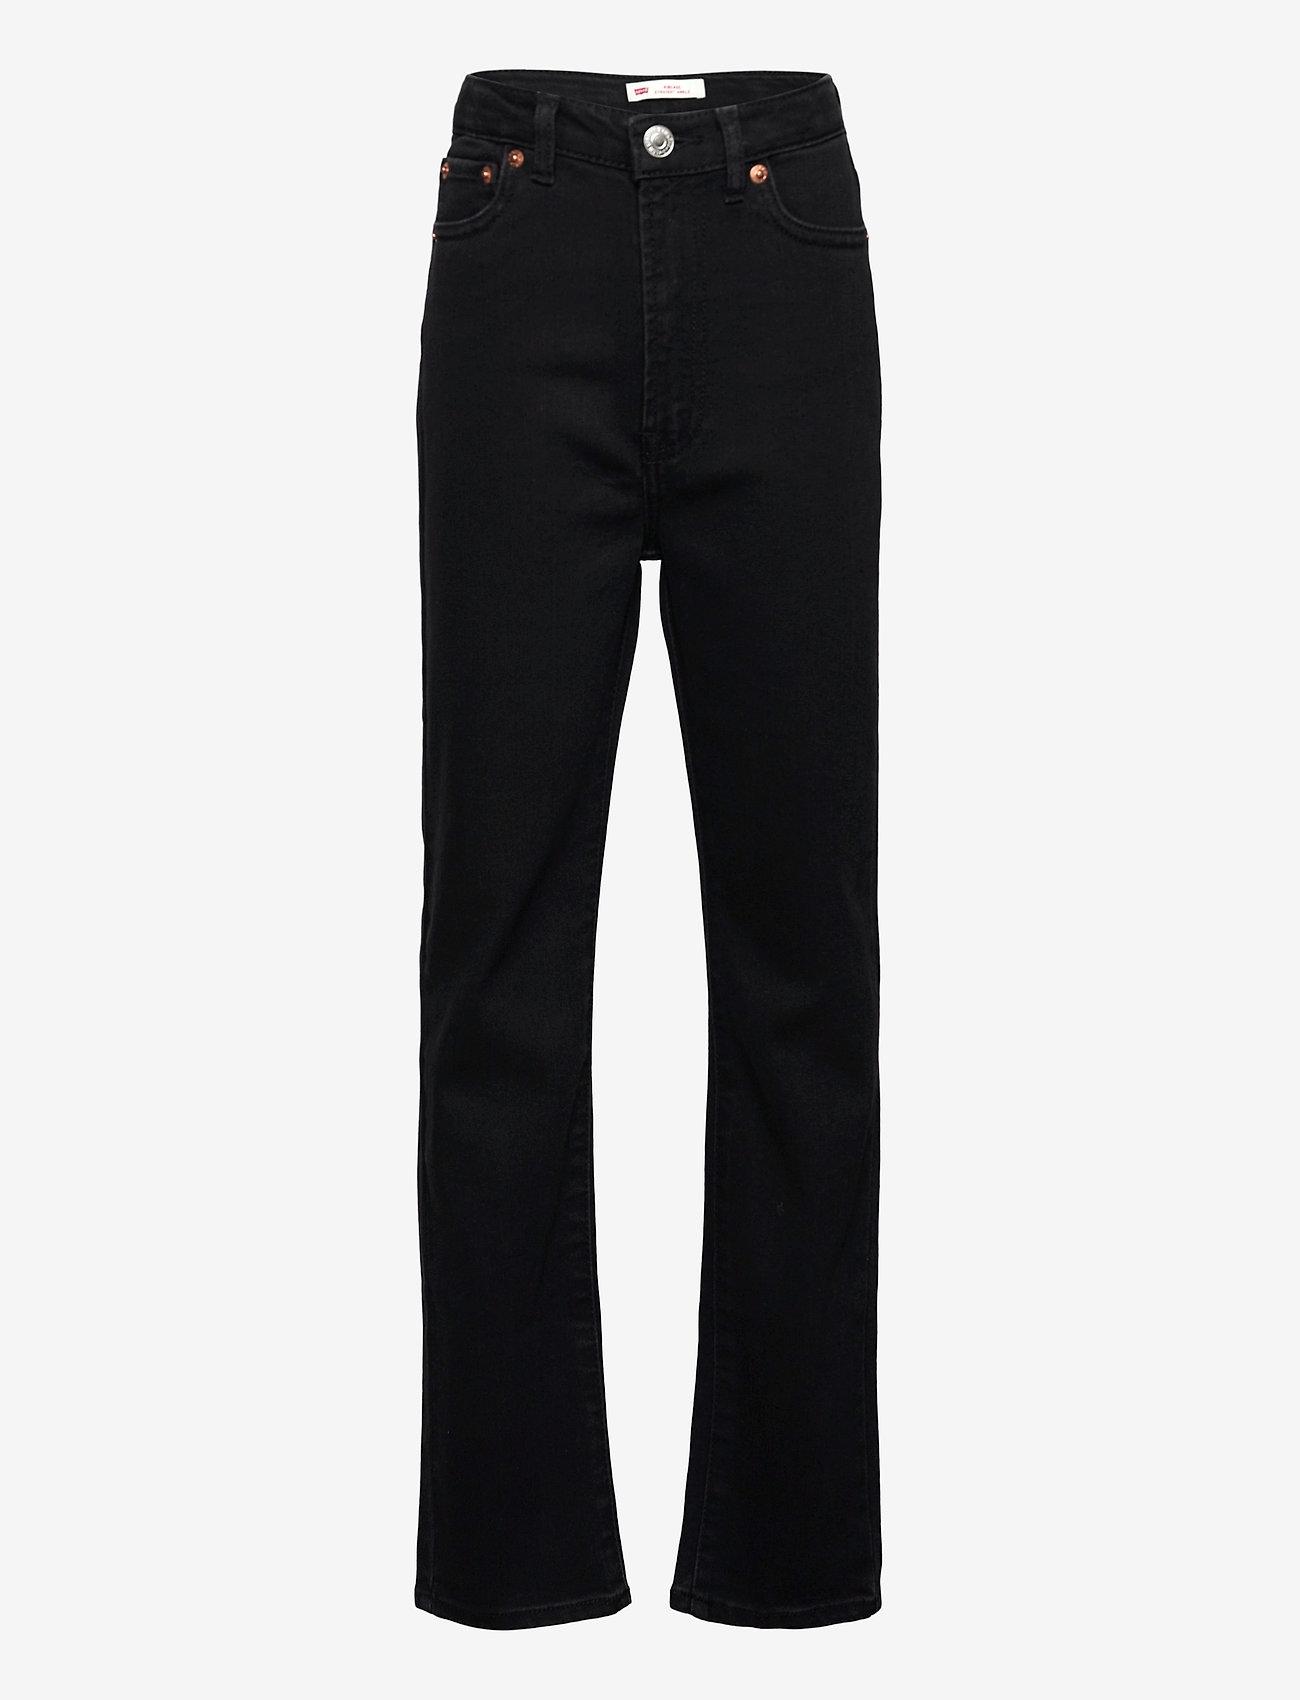 Levi's - LVG RIBCAGE DENIM PANT - jeans - black heart - 0